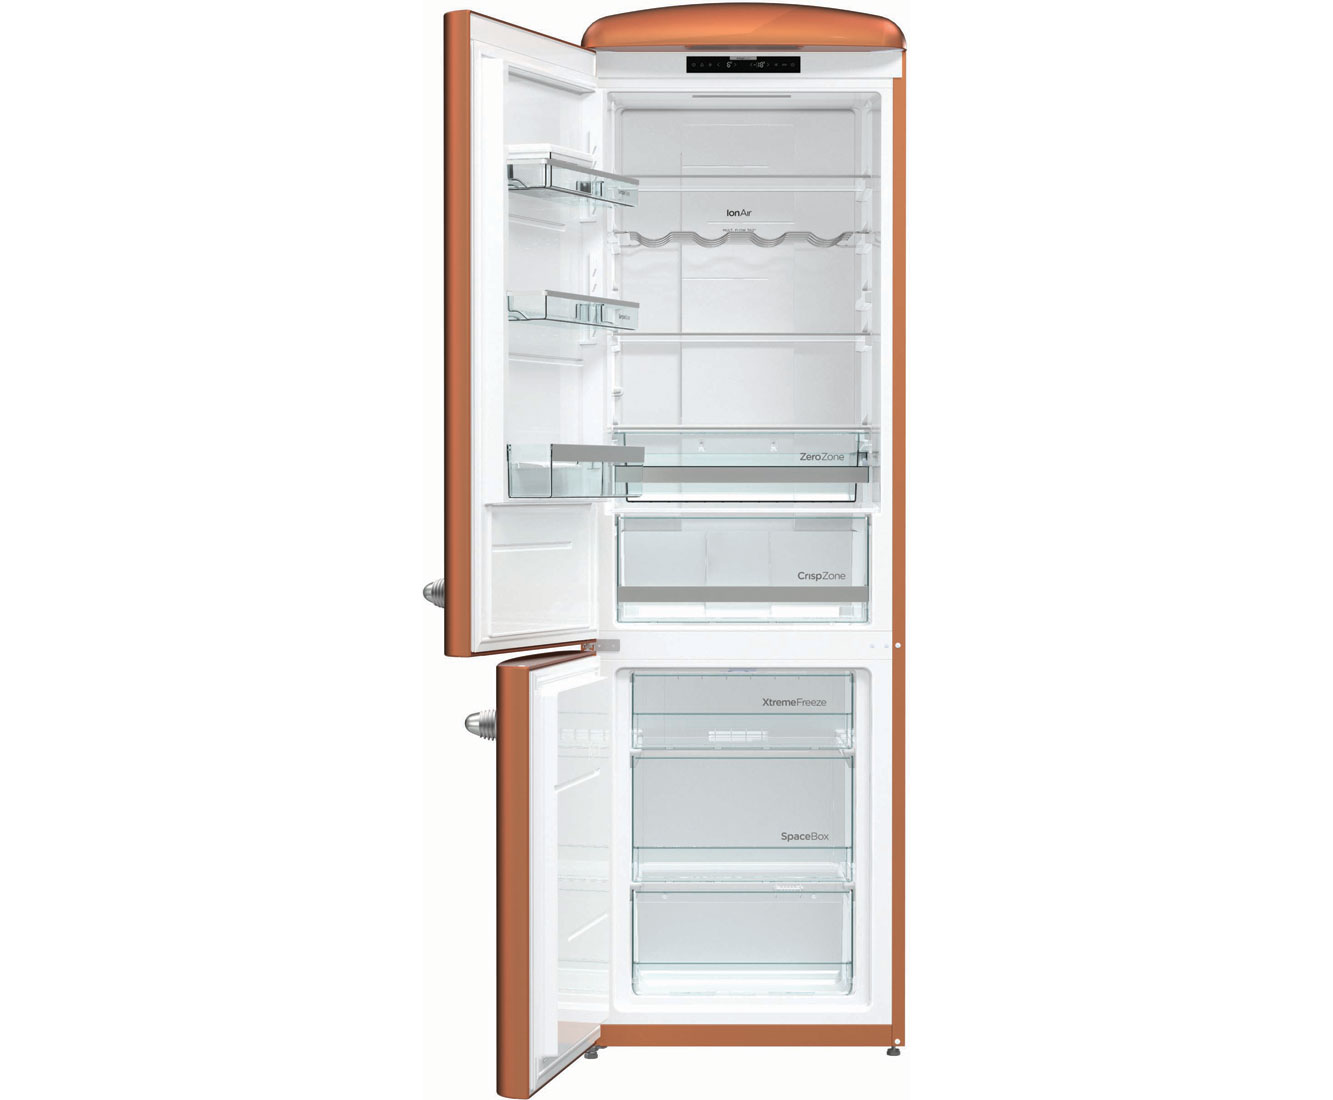 Siemens Kühlschrank Tür Justieren : Bosch kühlschrank türanschlag wechseln kühlschrank modelle